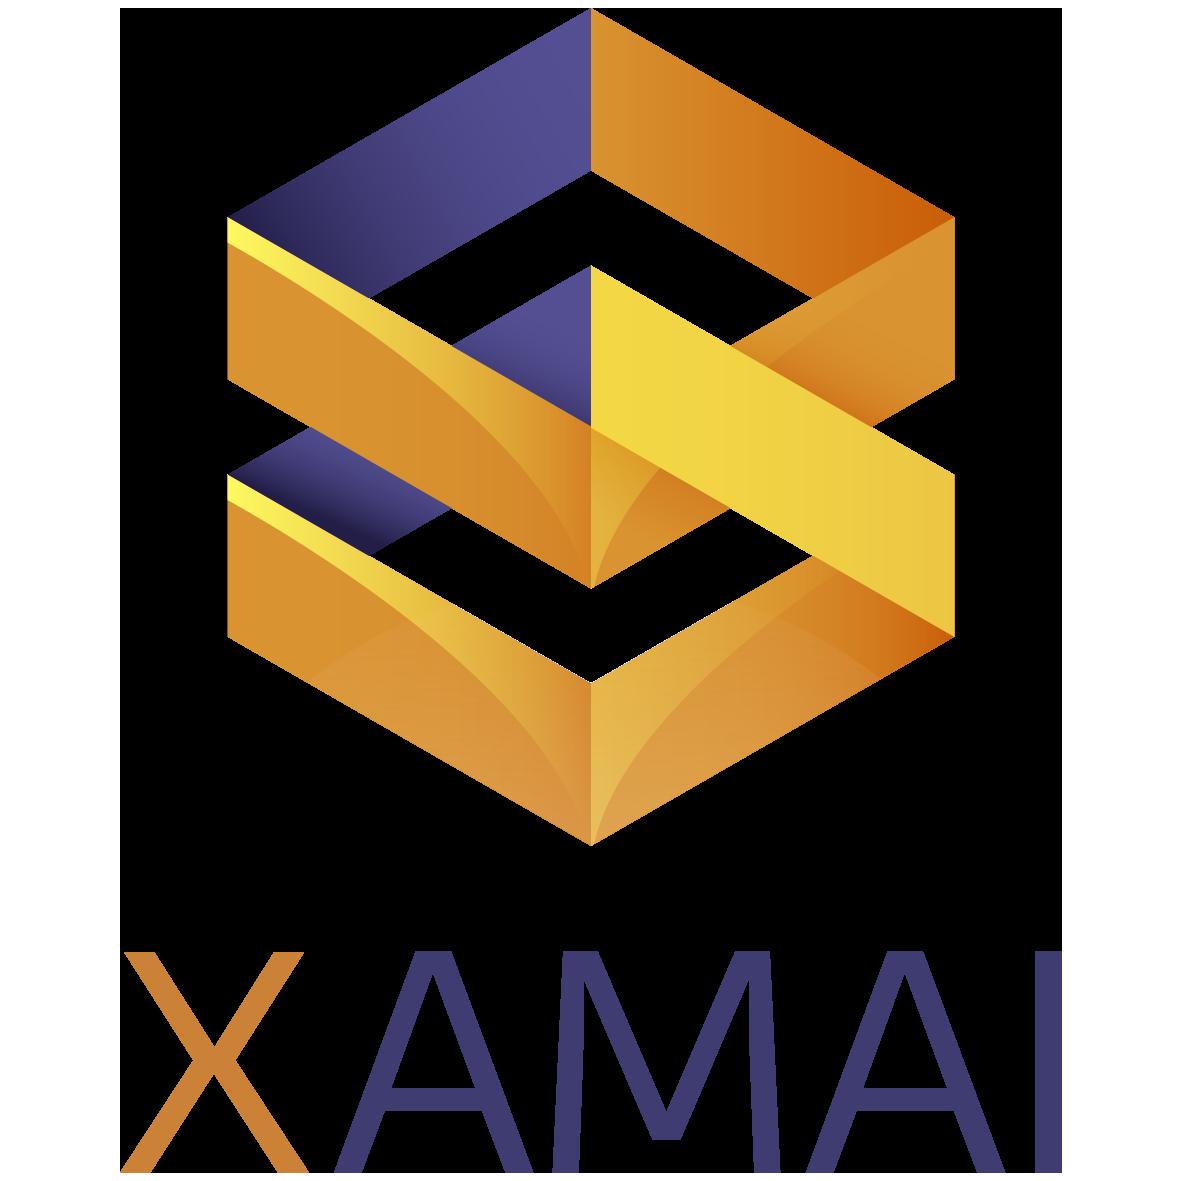 Xamai_Digital